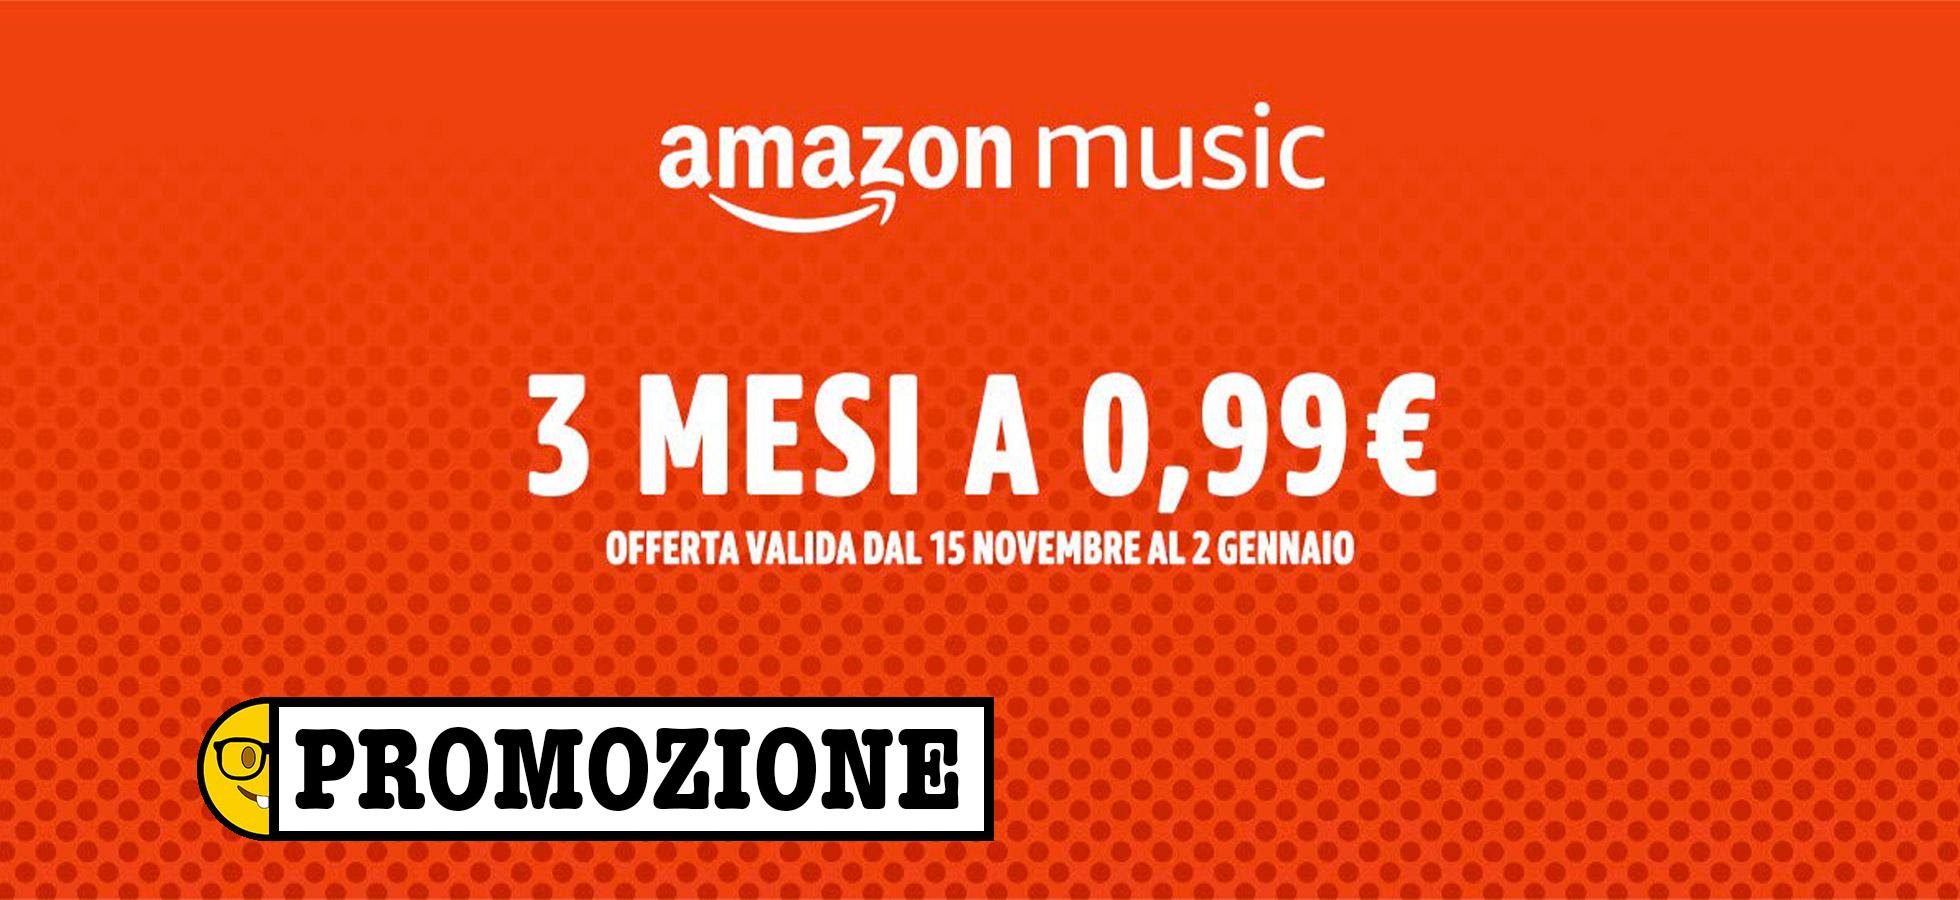 Amazon Music Torna In Promozione 3 Mesi A 99 Centesimi